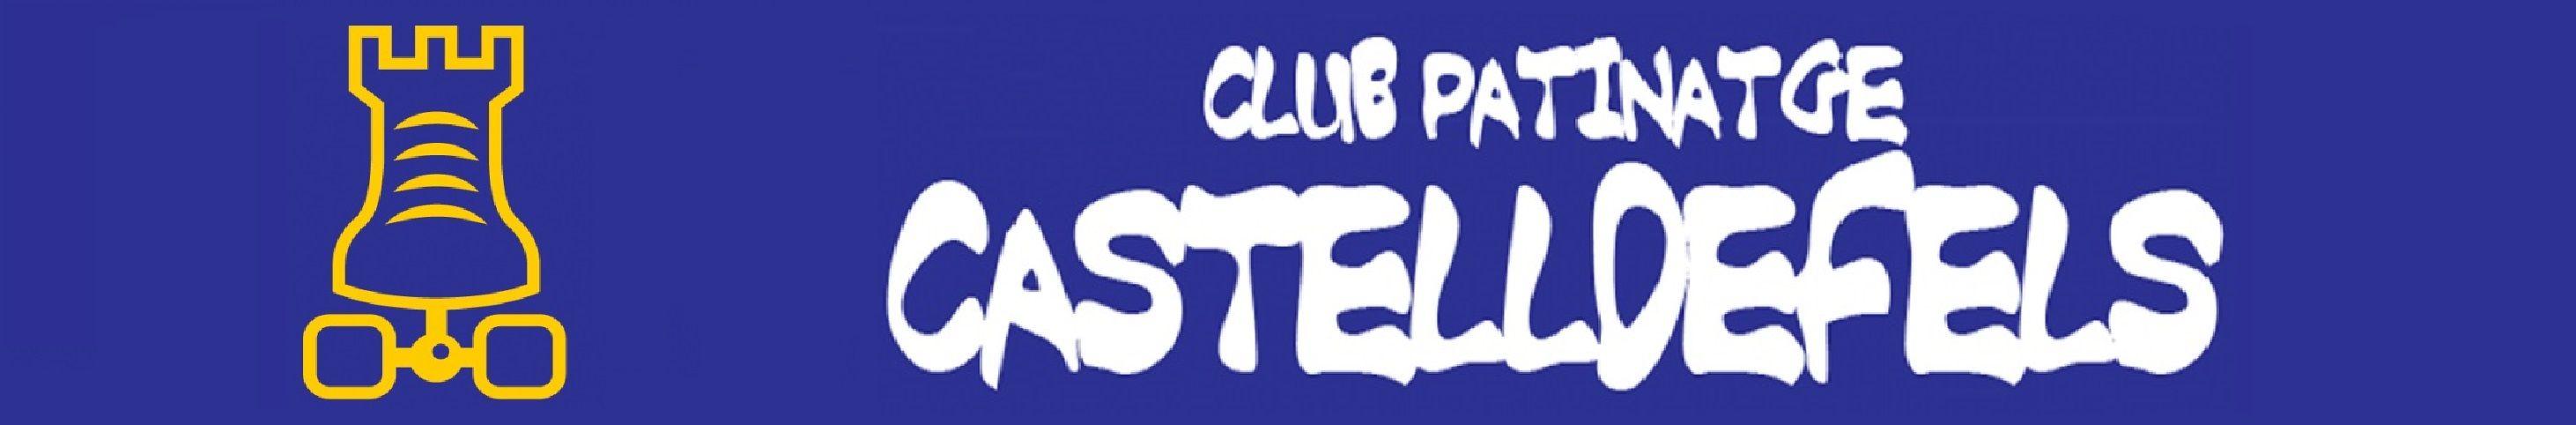 CPCastelldefels - Club Patinatge Castelldefels